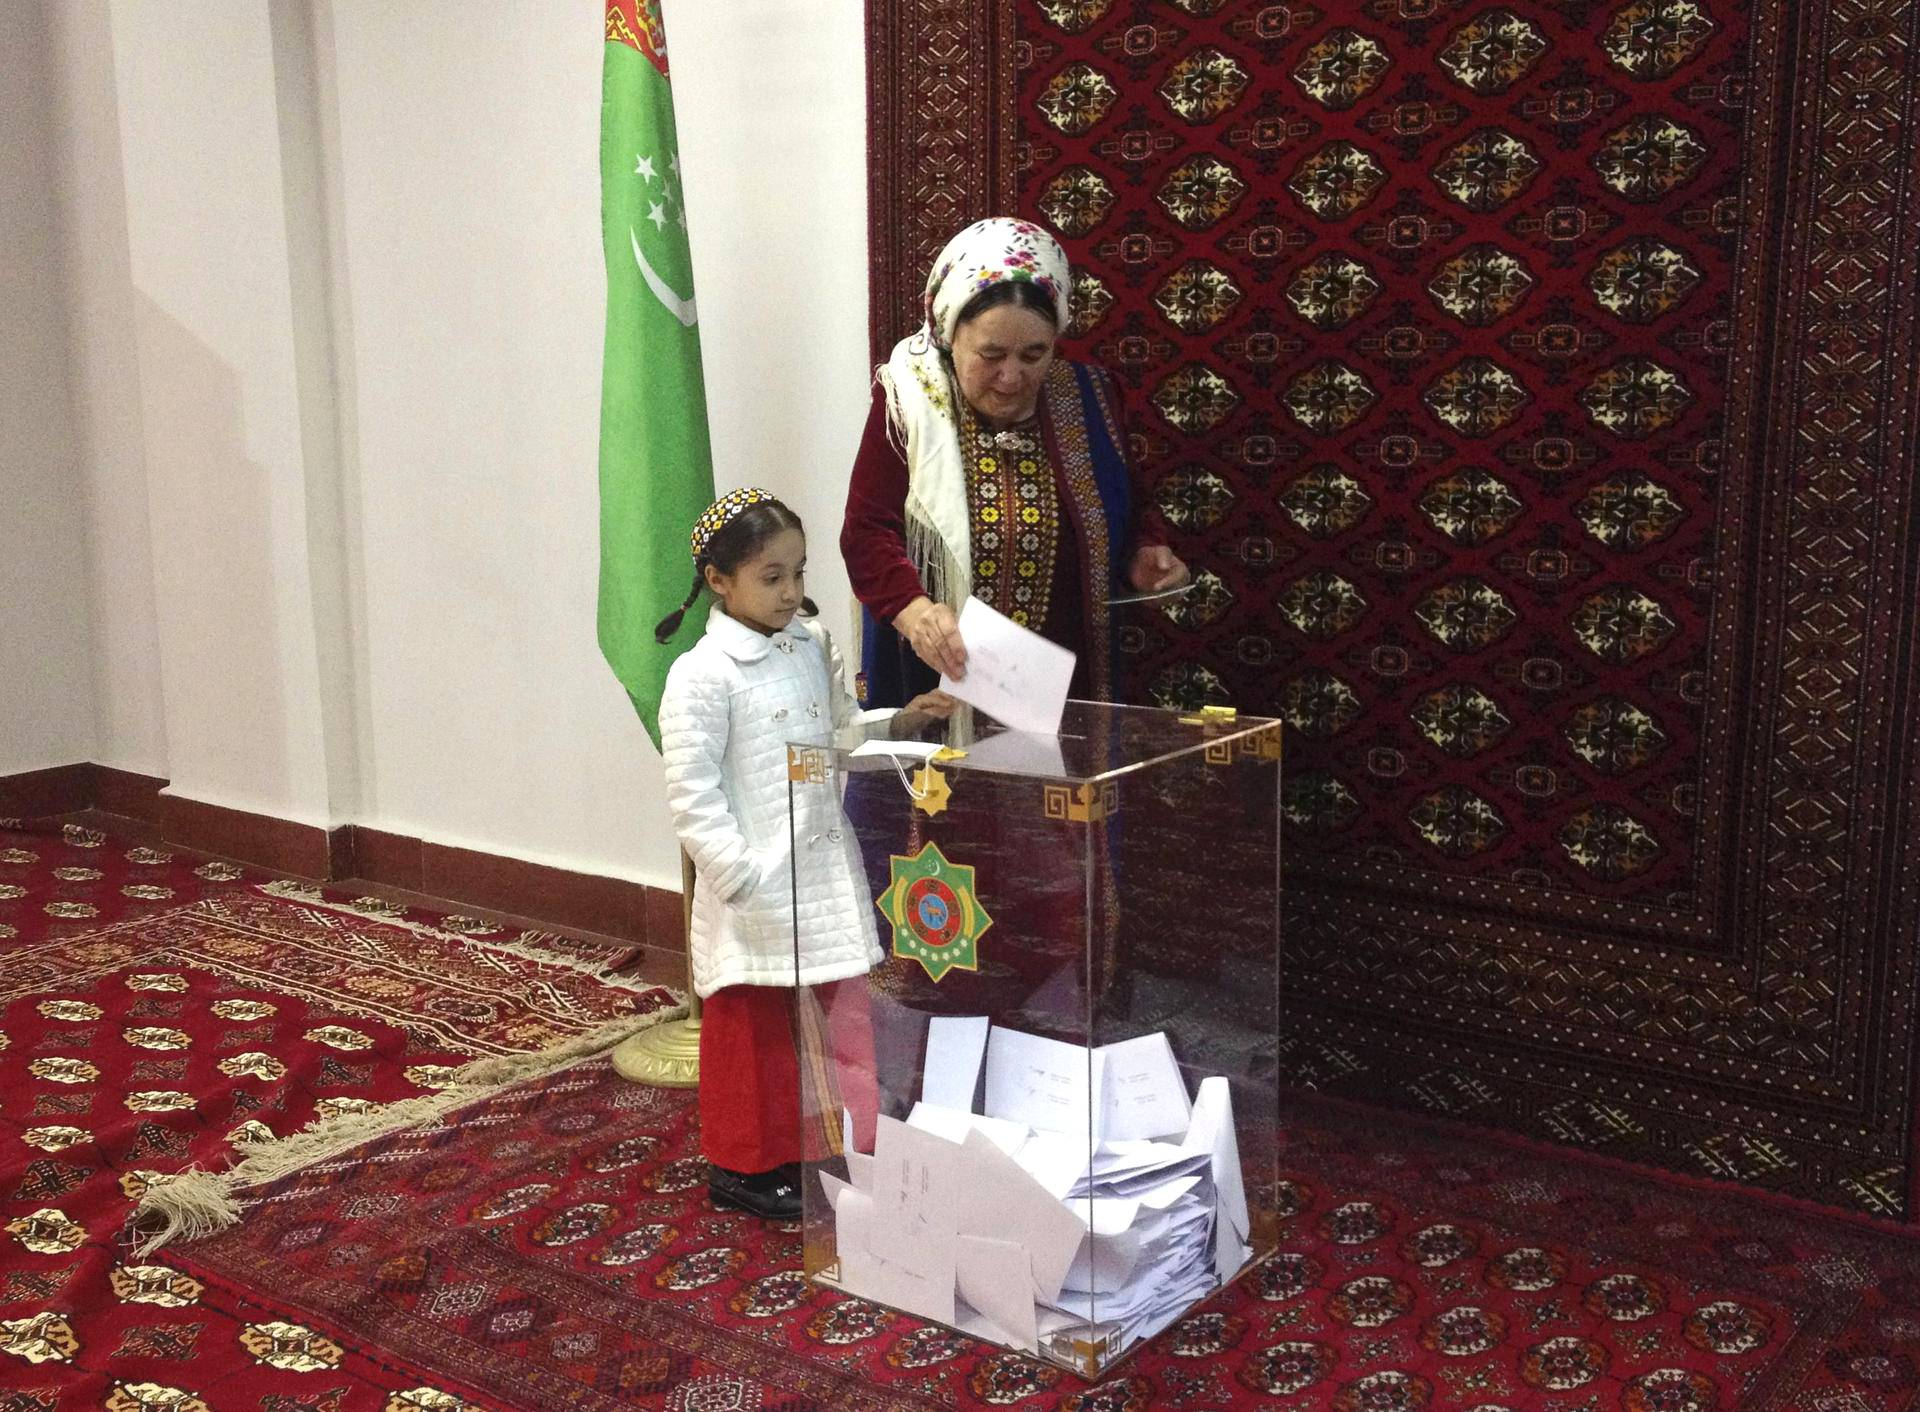 Tyttö seurasi äitinsä äänestämistä presidentinvaaleissa Ashgabatissa Turkmenistanissa.